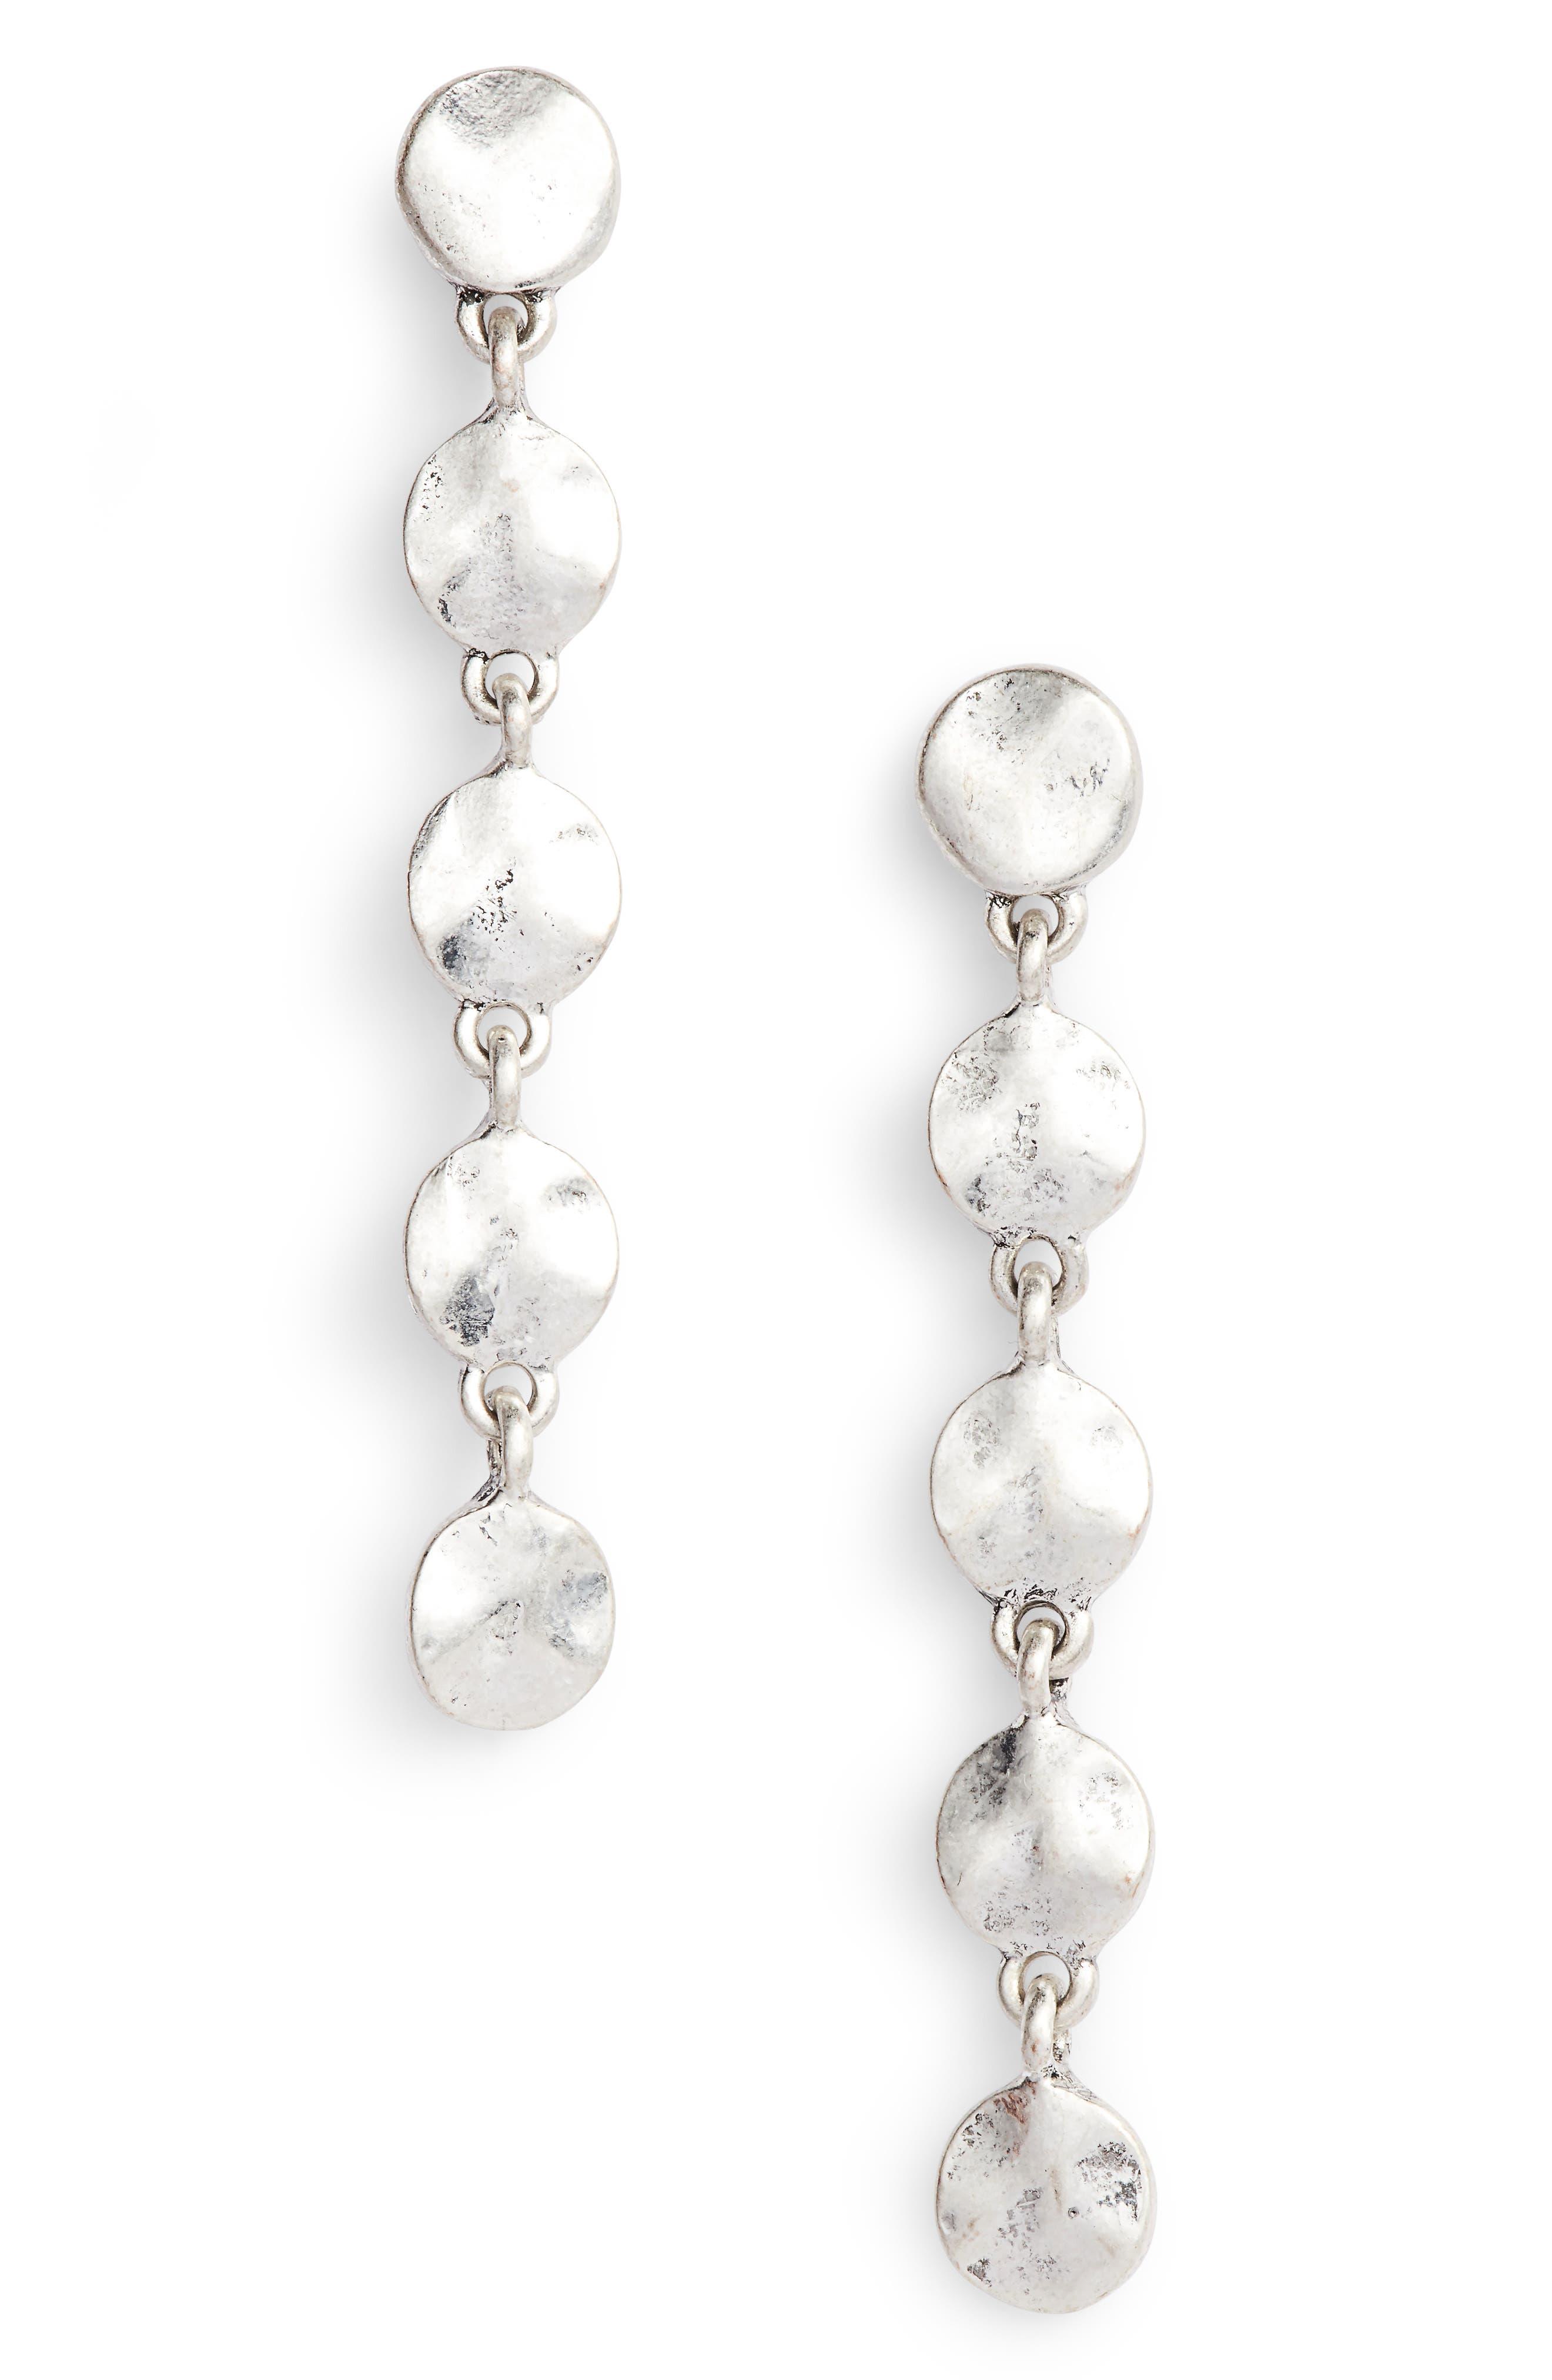 Linear Drop Earrings,                             Main thumbnail 1, color,                             Rhodium